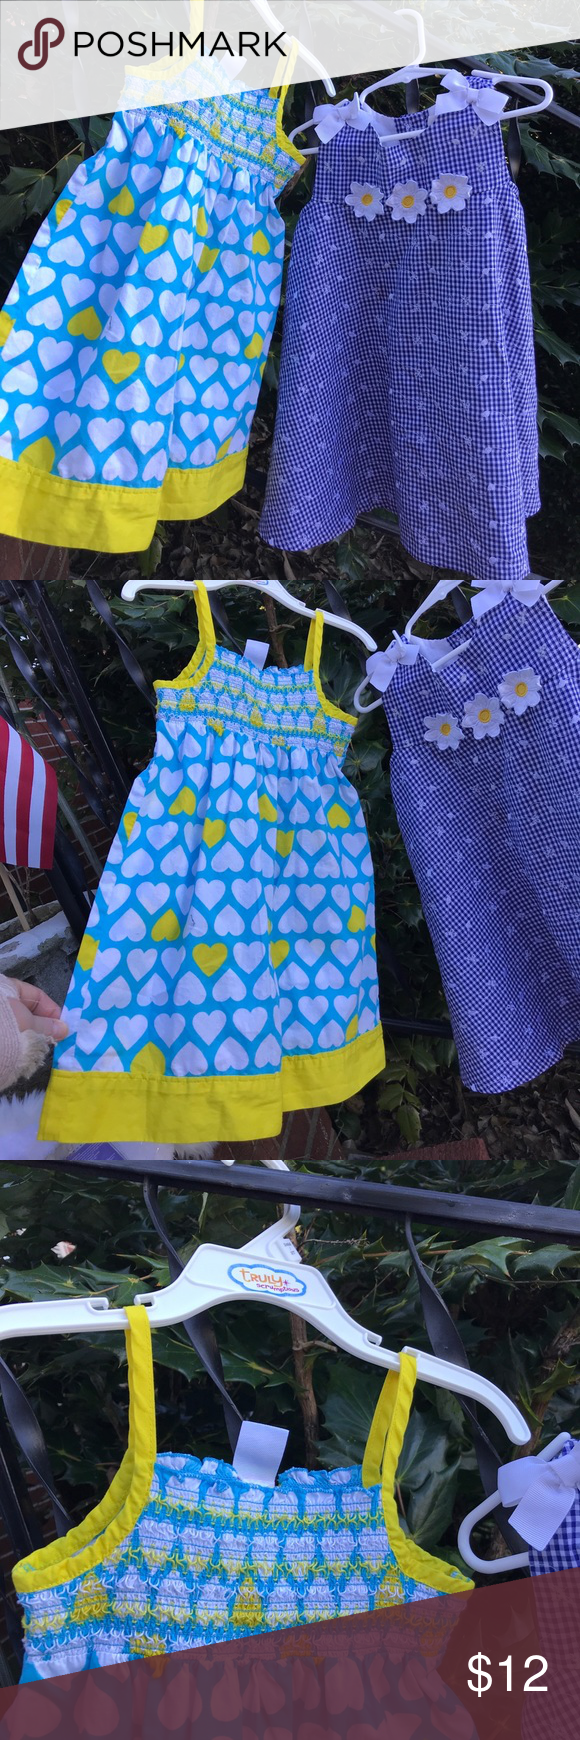 Healthtex Rare Editions Bows Summer Dresses 4t Summer Dresses Rare Editions Dress Girls Dresses Summer [ 1740 x 580 Pixel ]